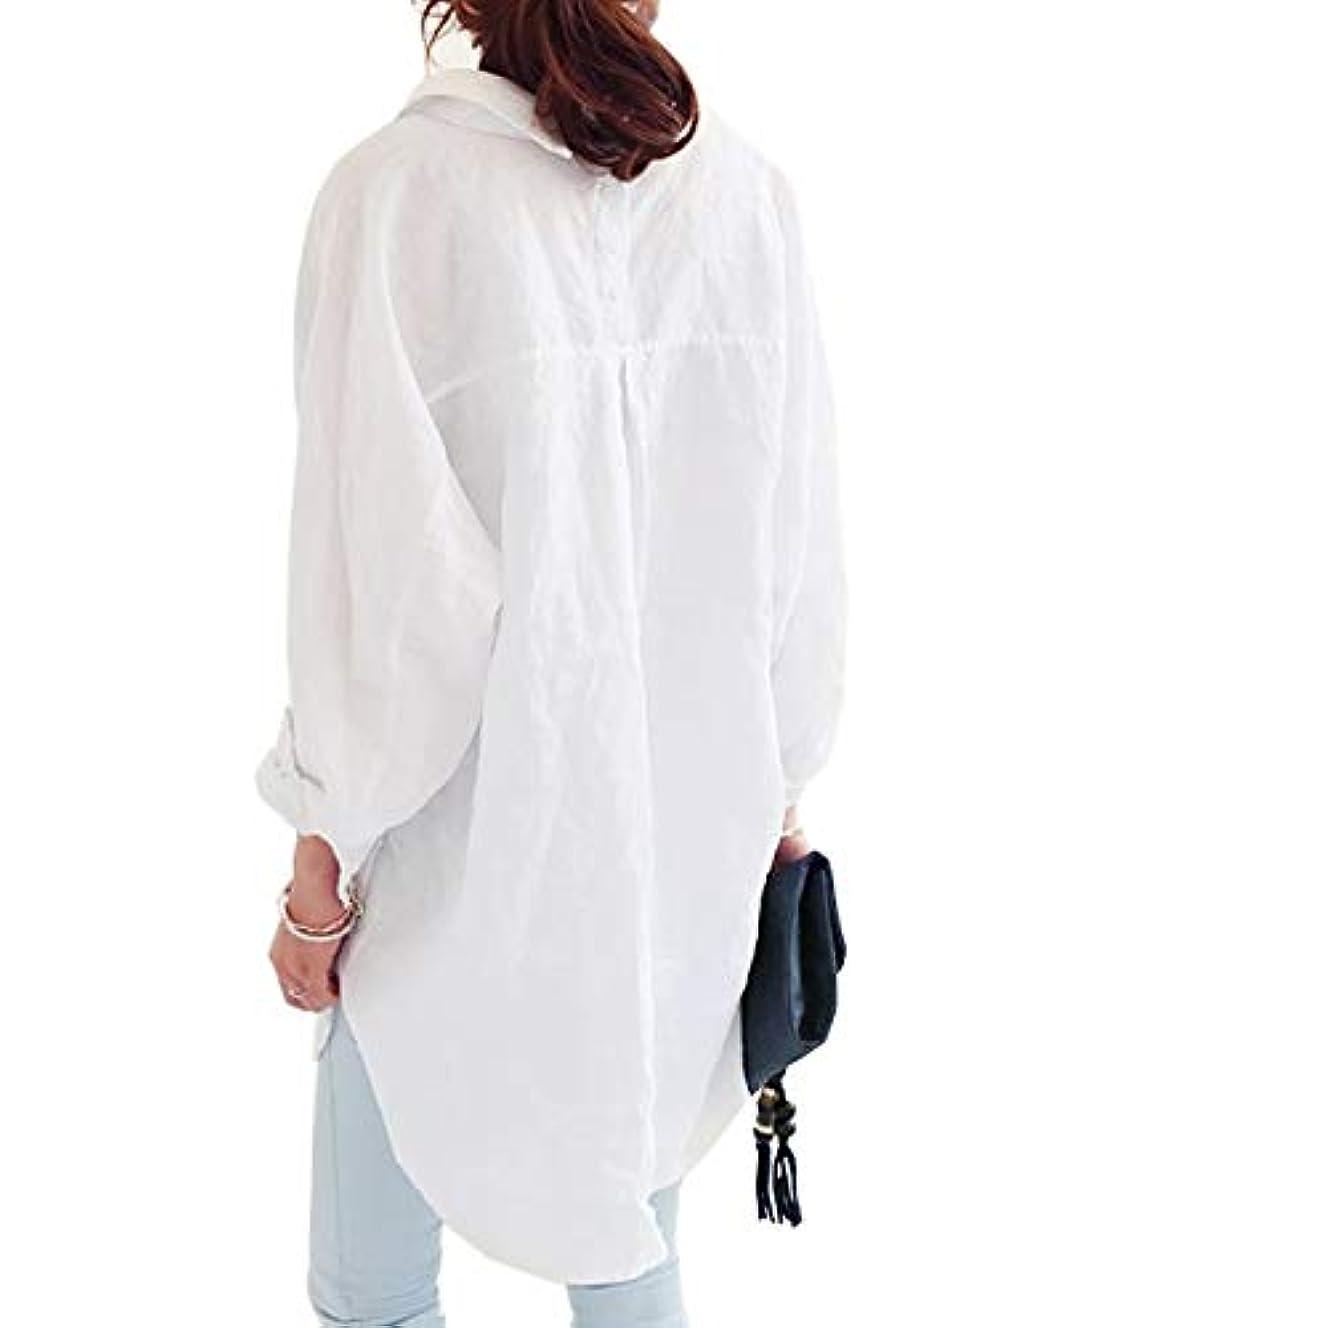 グループ軍舌な[ココチエ] シャツ ワンピ レディース ブラウス 長袖 ロング 水色 白 大きいサイズ おおきいサイズ おしゃれ ゆったり 体型カバー 前開き